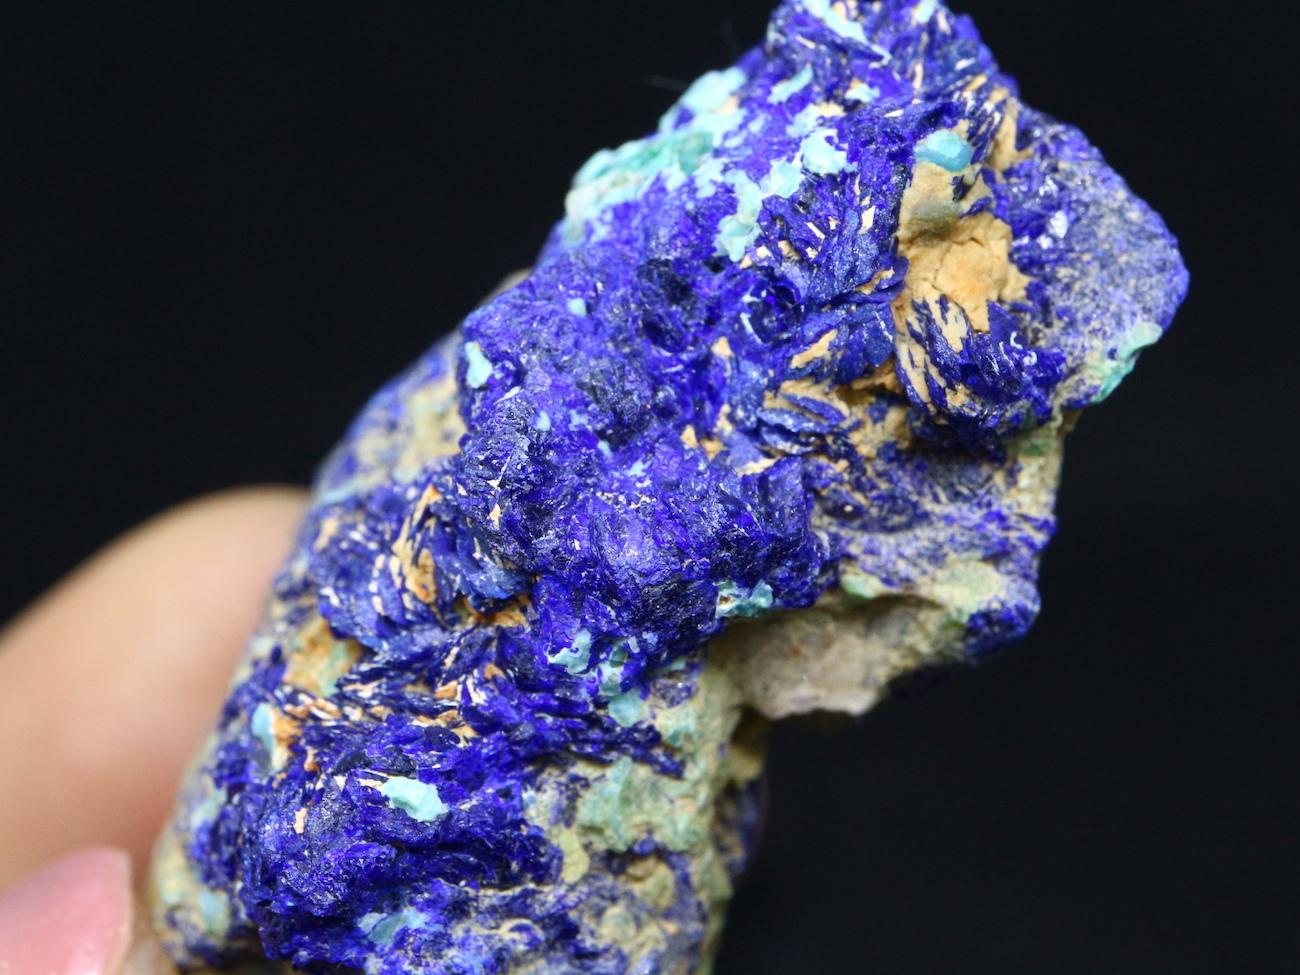 アリゾナ産 アズライト アジュライト 20,6g 原石 鉱物 標本 AZR001